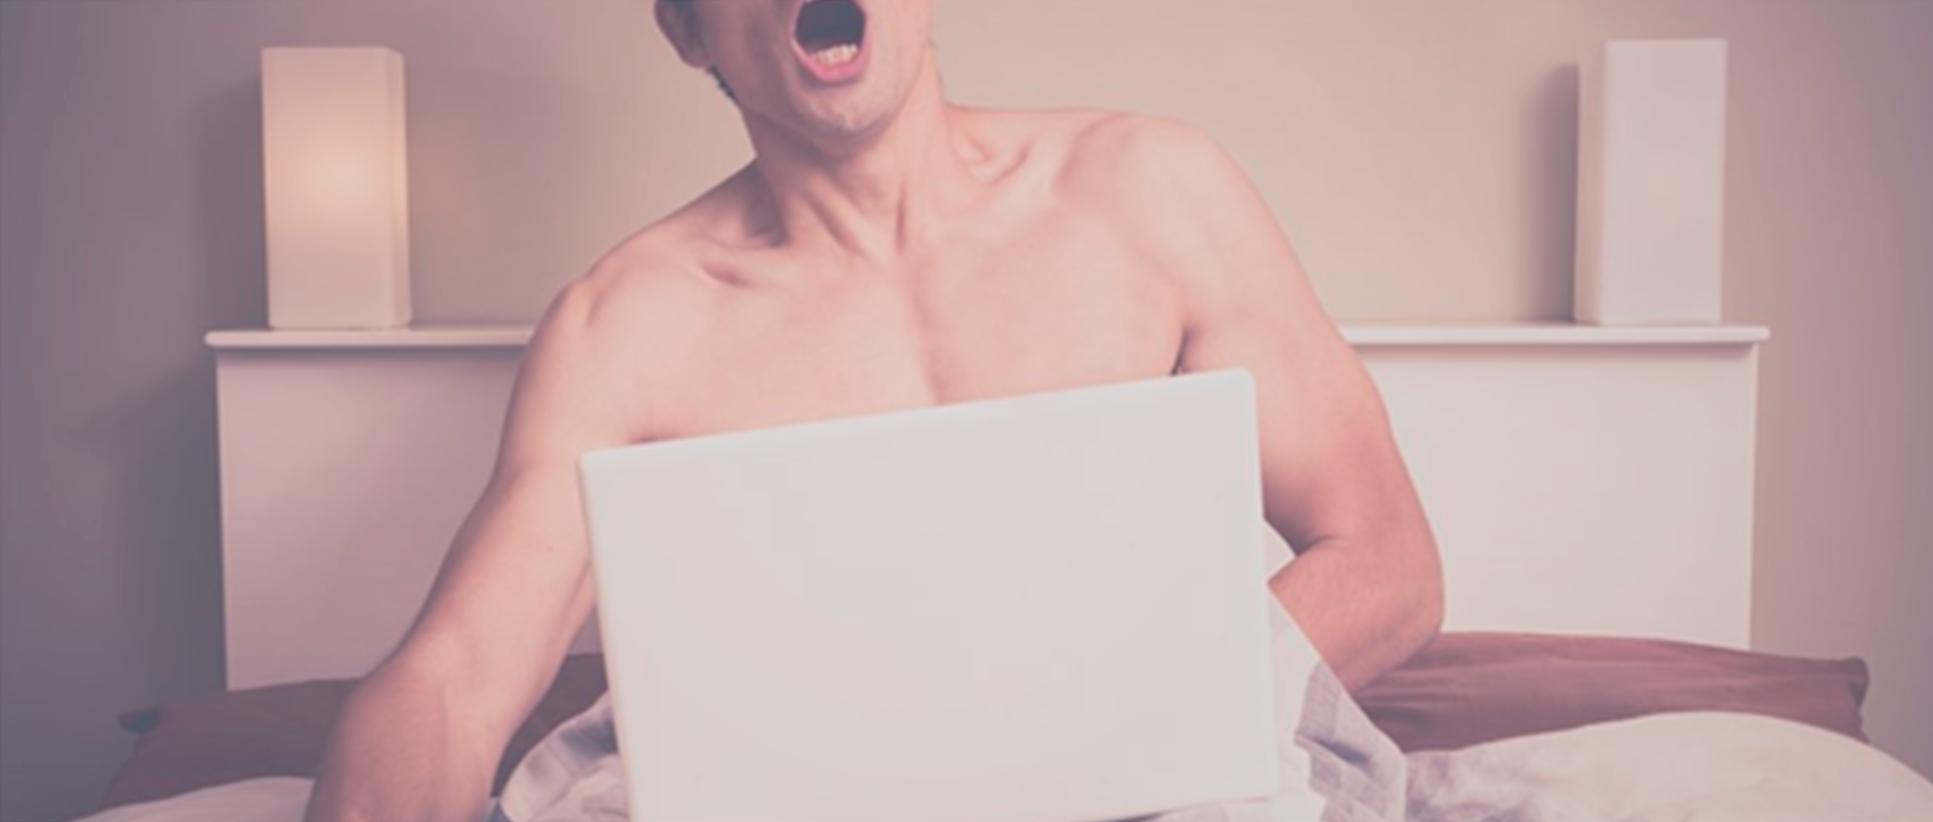 ejaculação precoce na adolescência